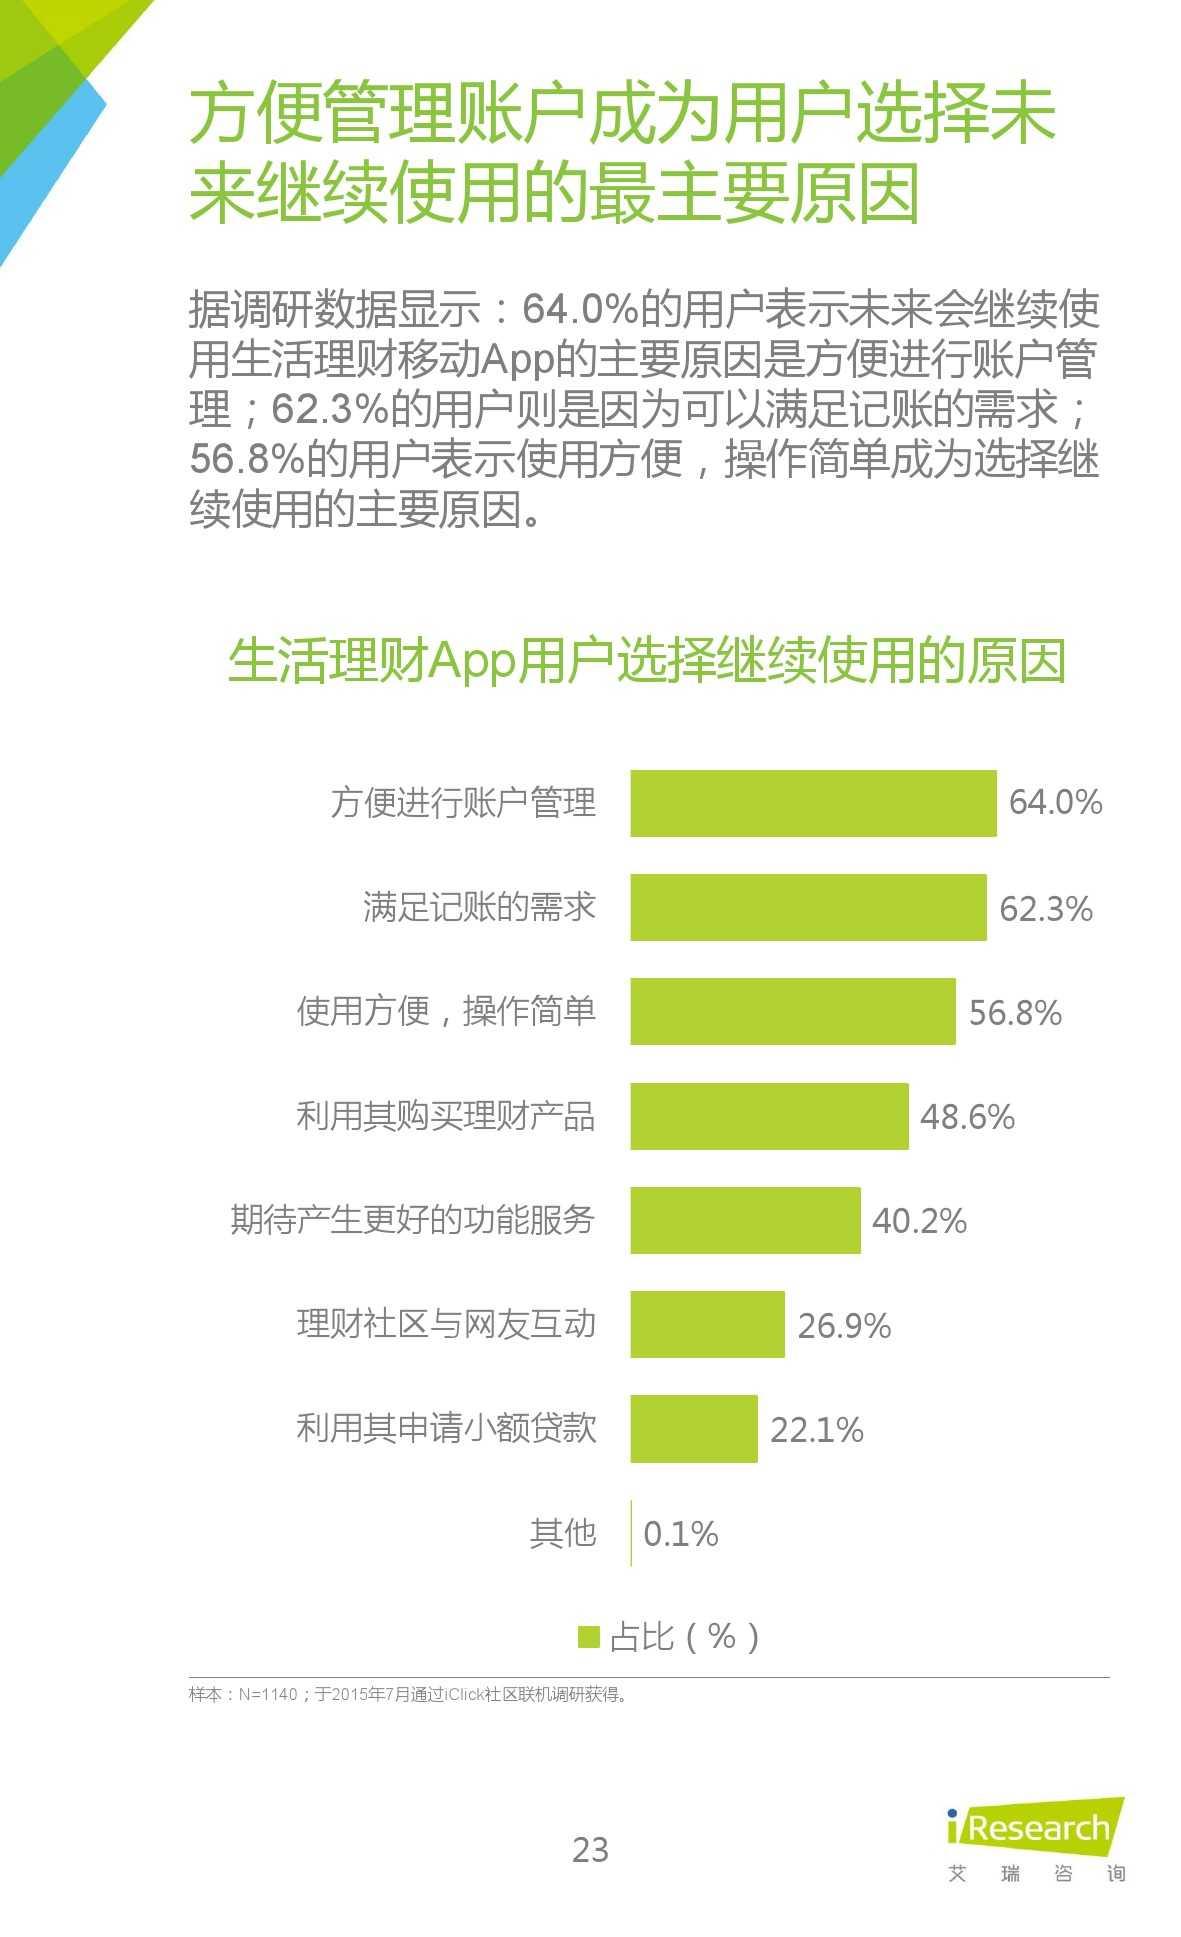 2015年中国生活理财移动App行业研究报告_000023